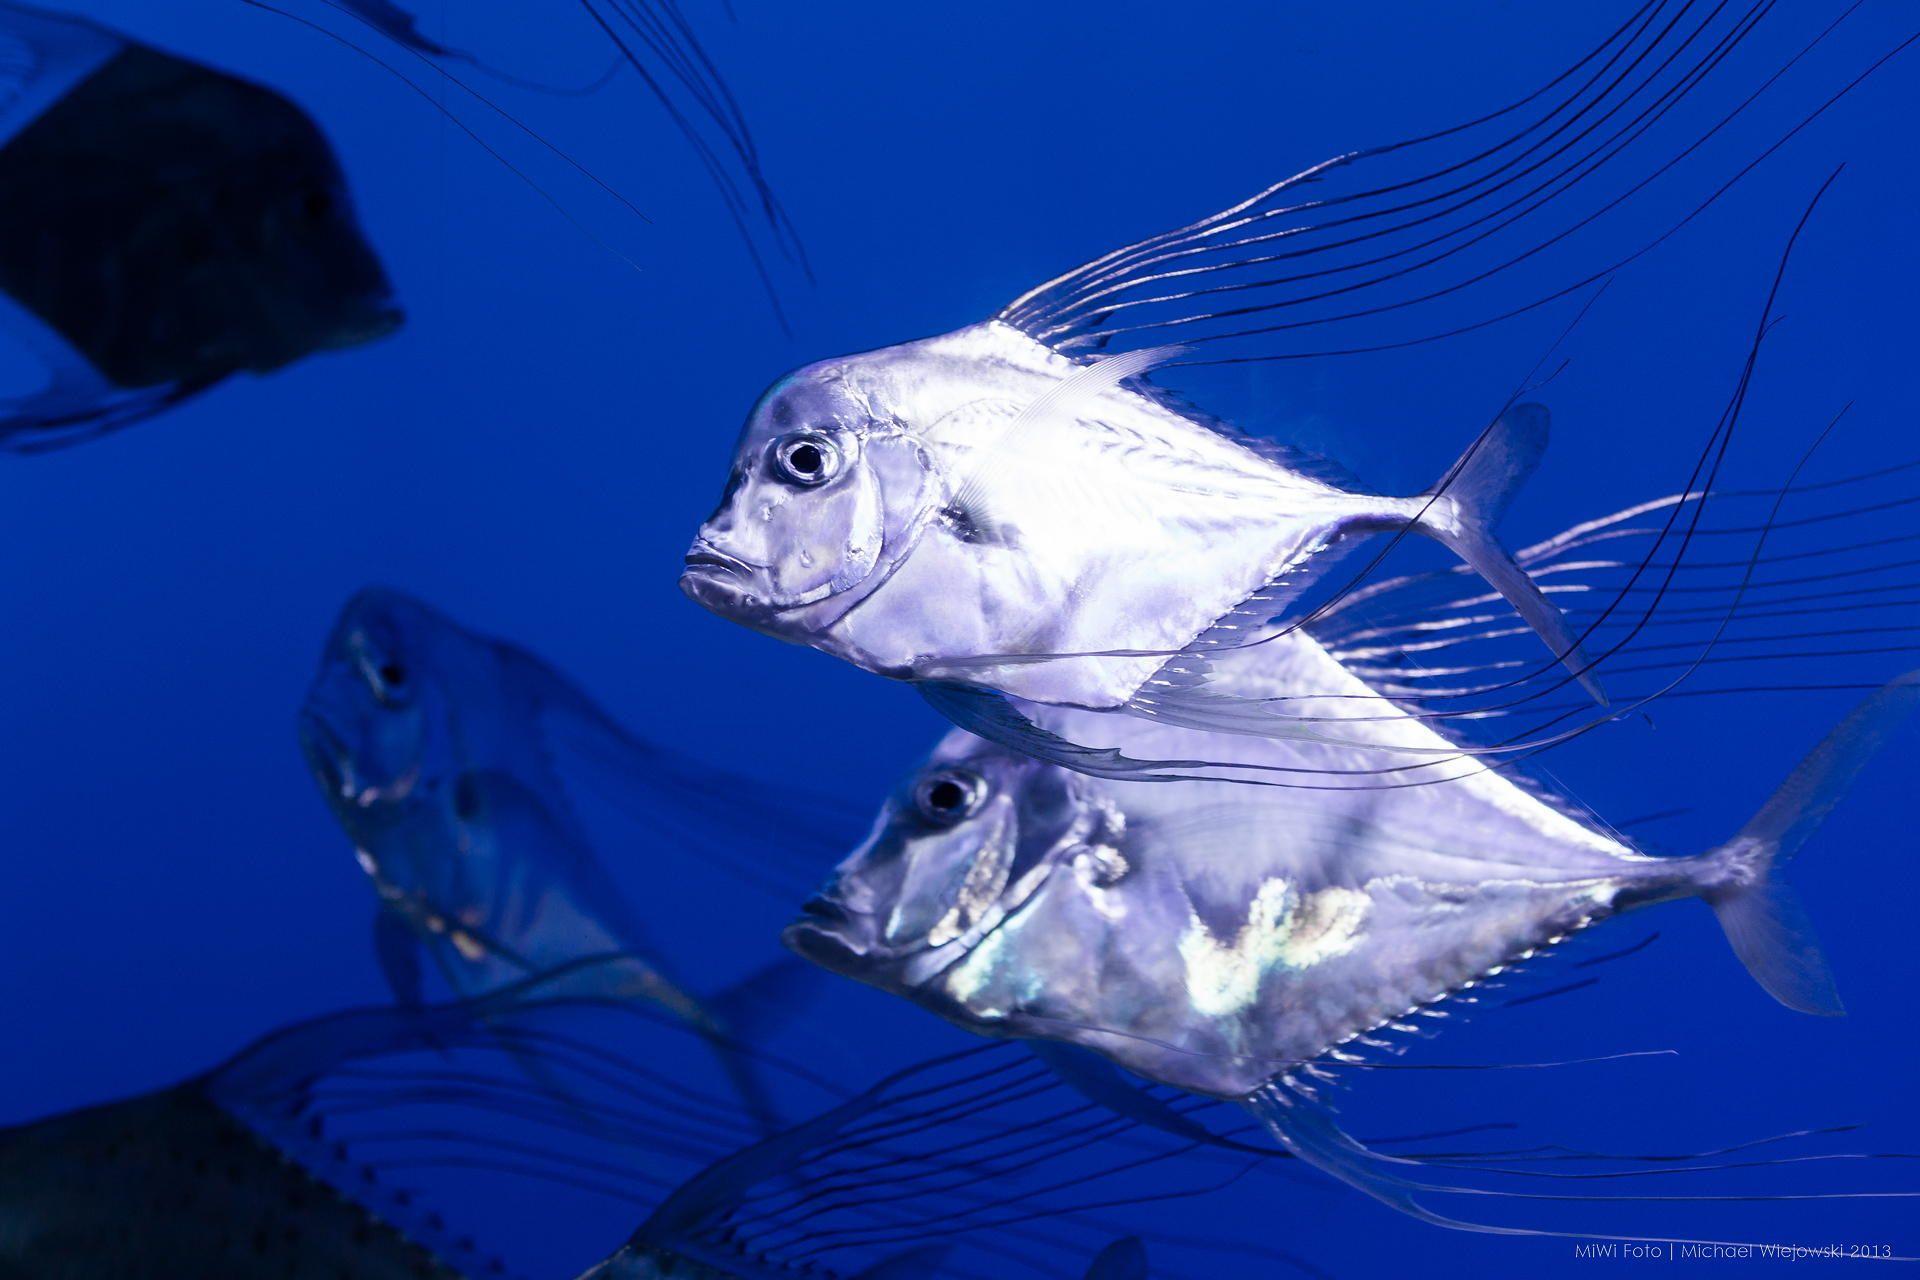 Freshwater aquarium fish melbourne - Fish